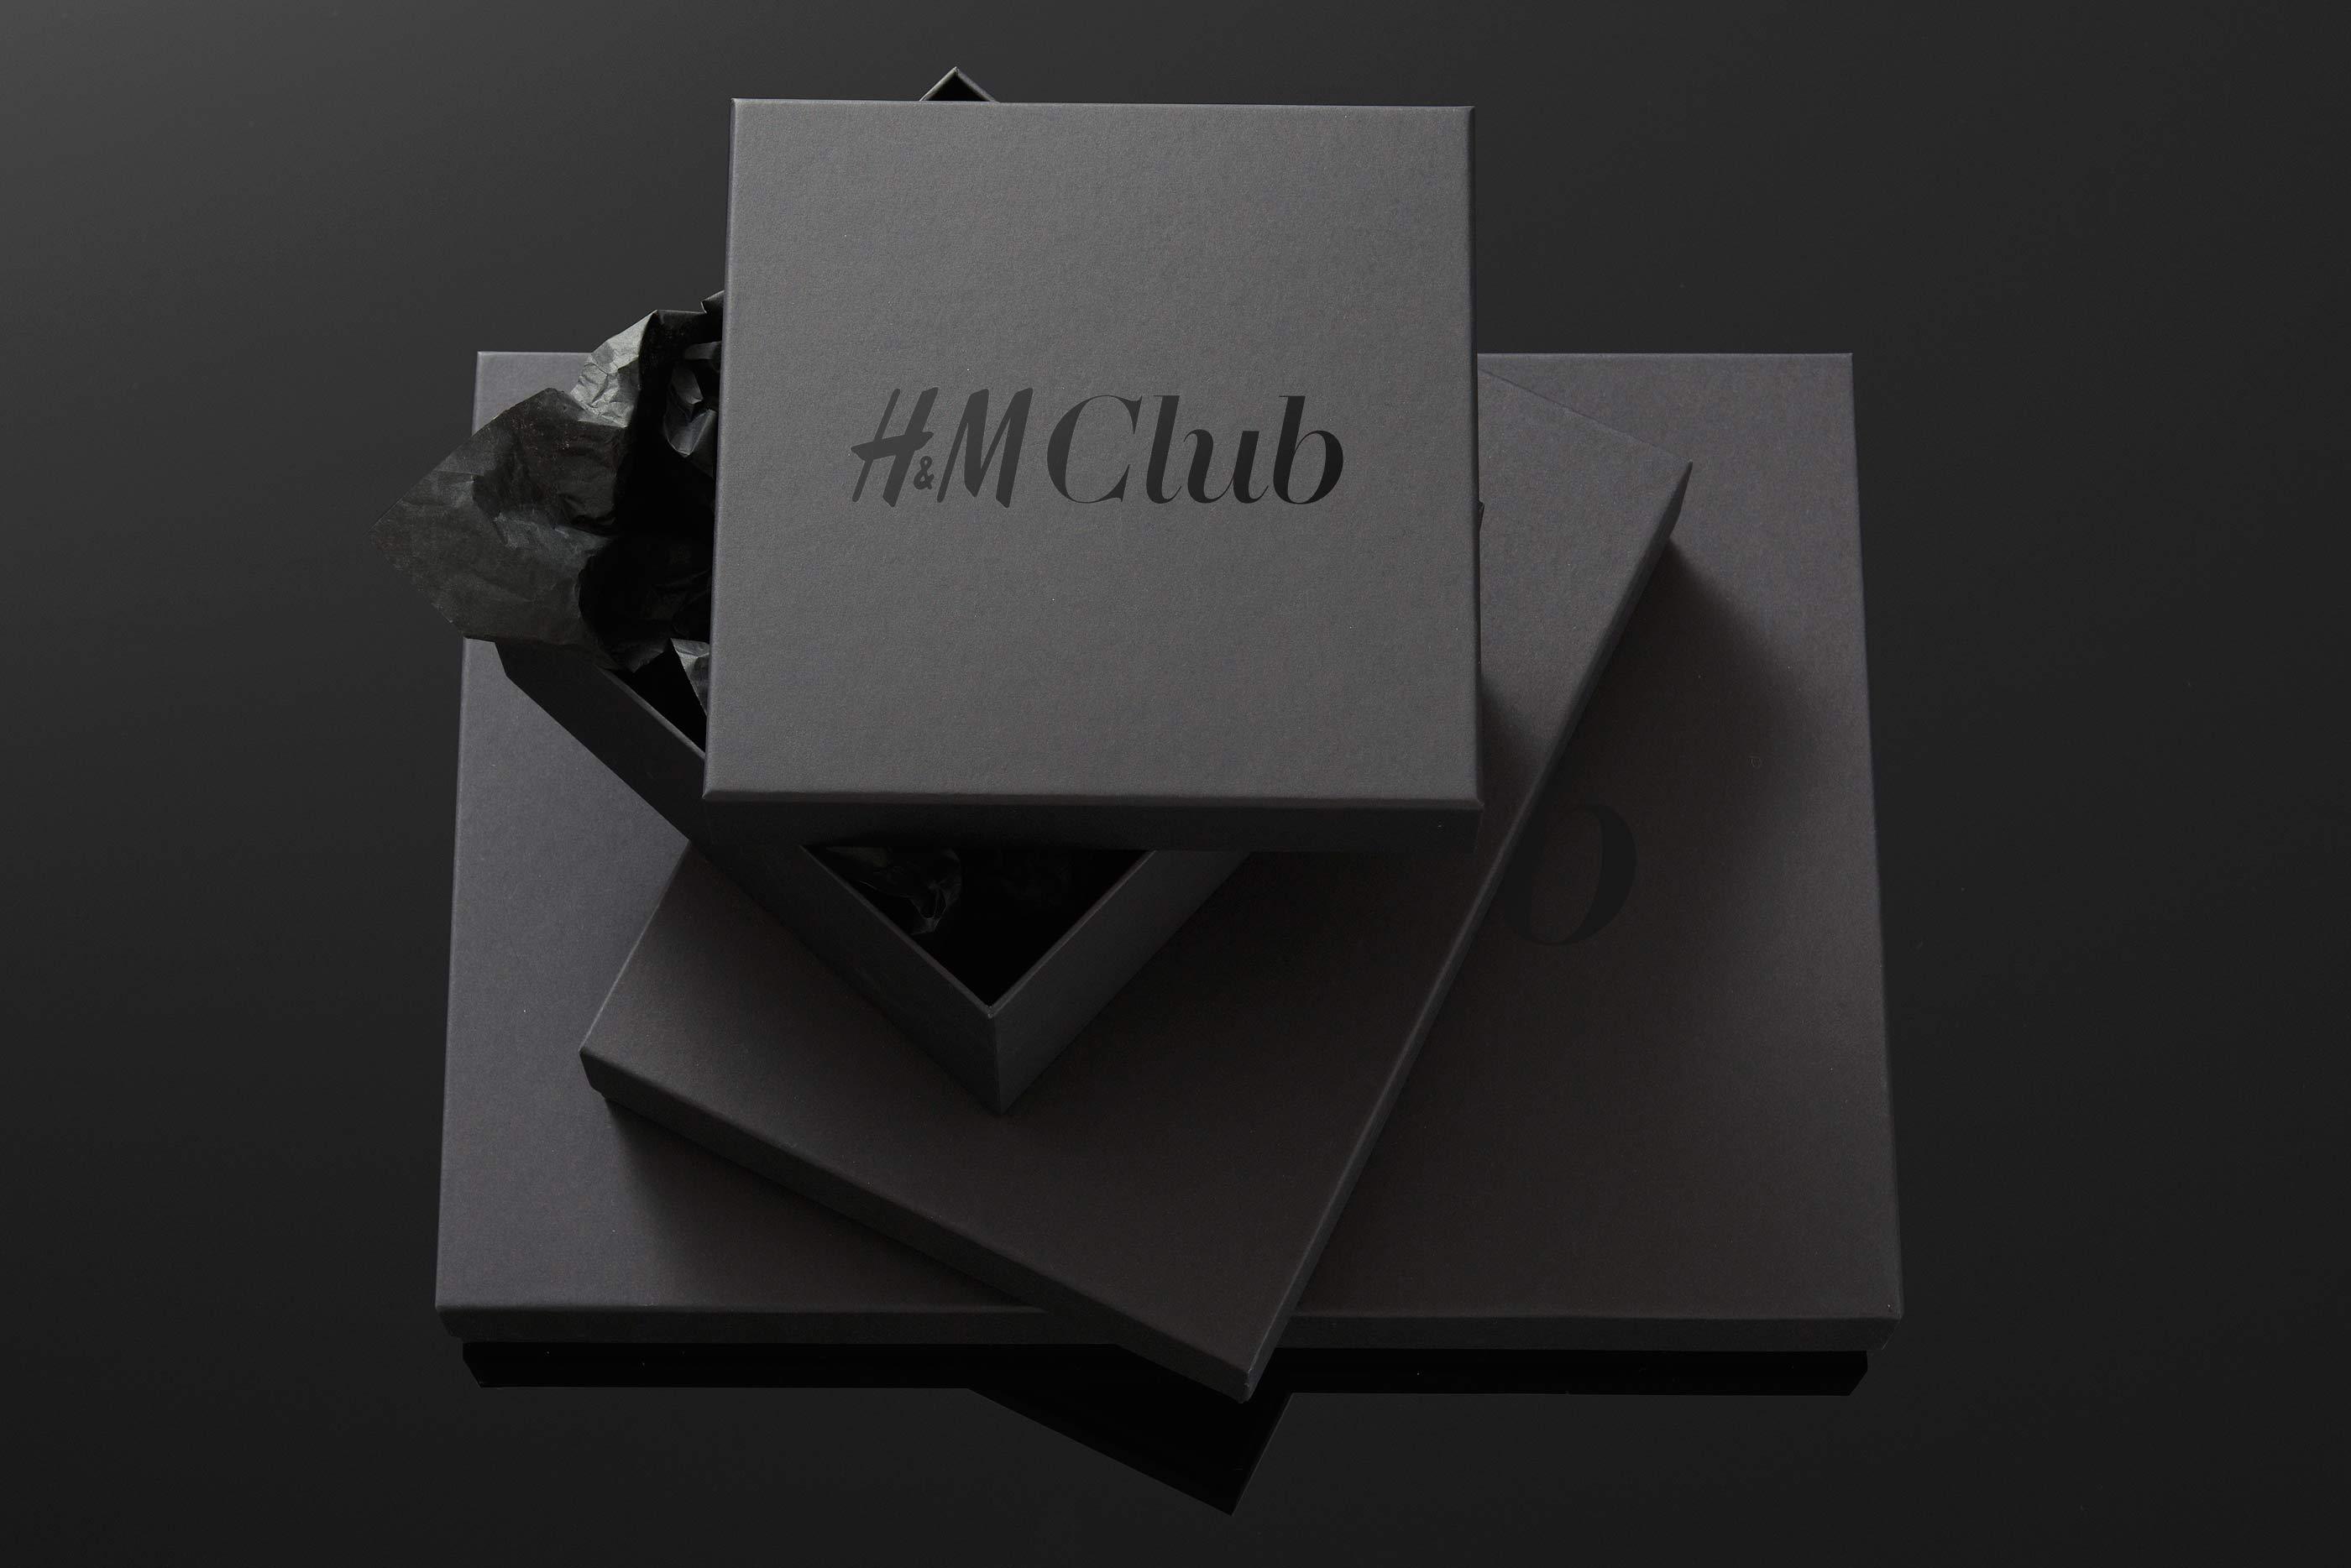 club super week hol dir bis zu 15 auf dein lieblingsteil exklusiv fr hm club mitglieder angebot gltig bis 1410 im store und online - Hm Online Bewerben